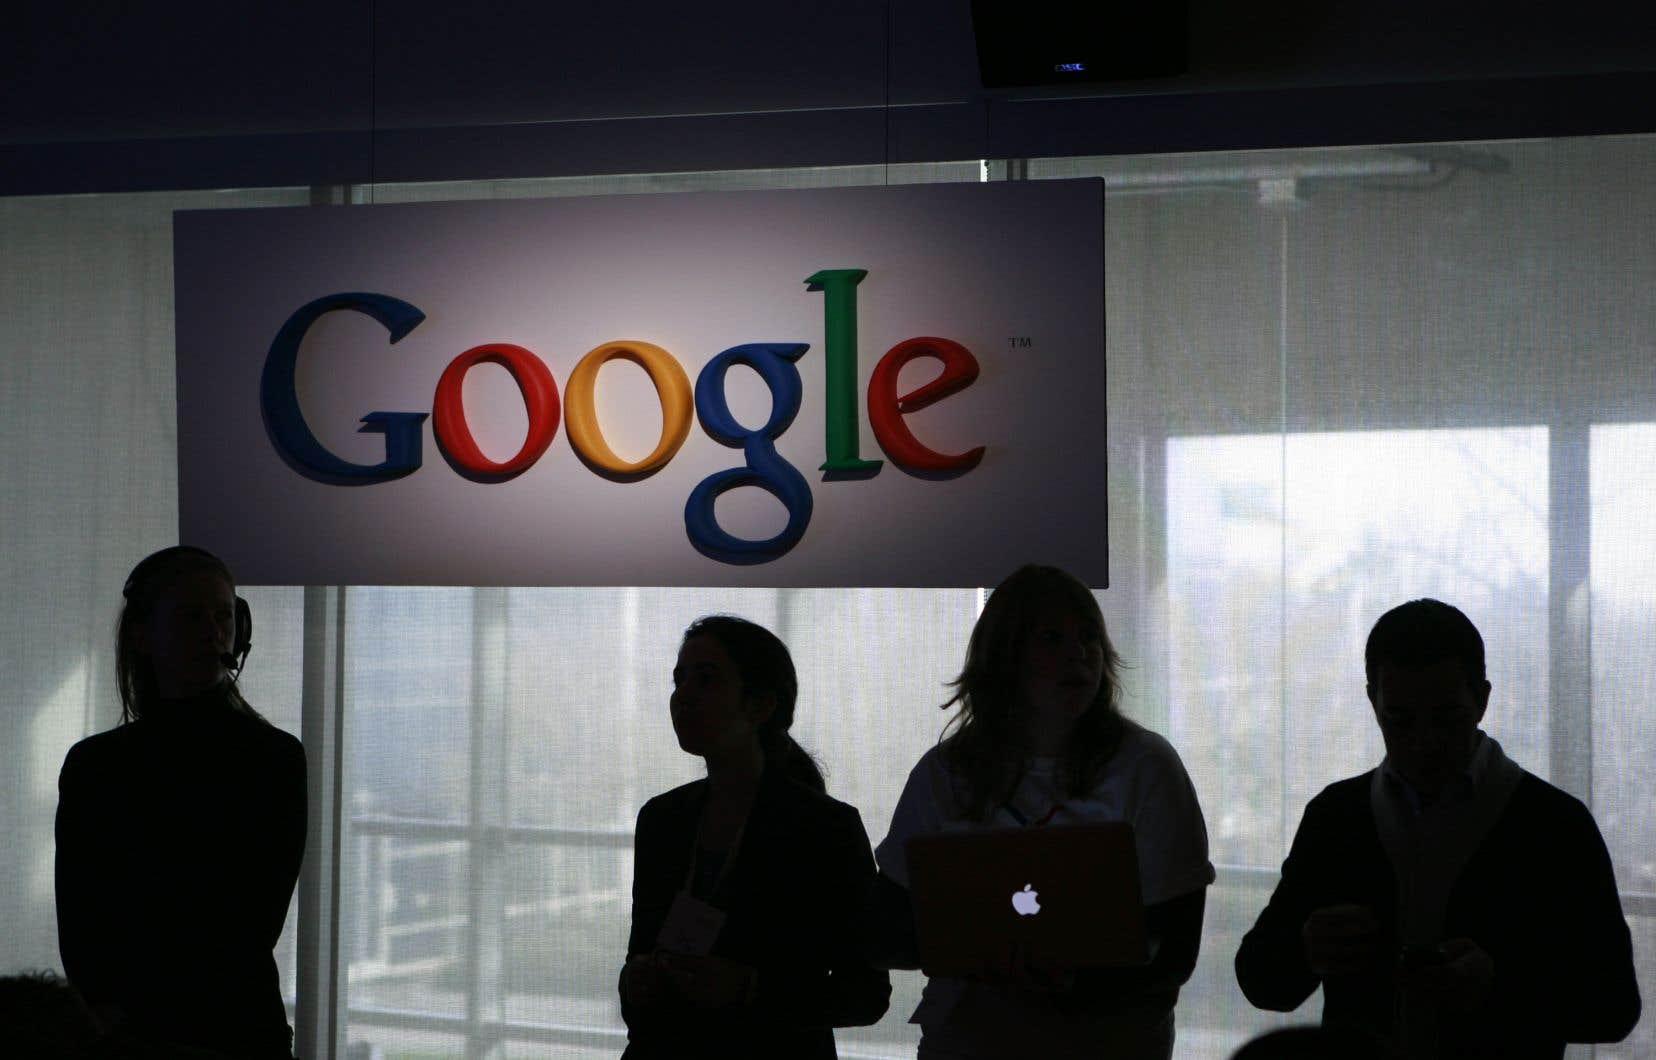 Les recettes publicitaires de Google ont représenté à elles seules 26,6 milliards de dollars de chiffre d'affaires.